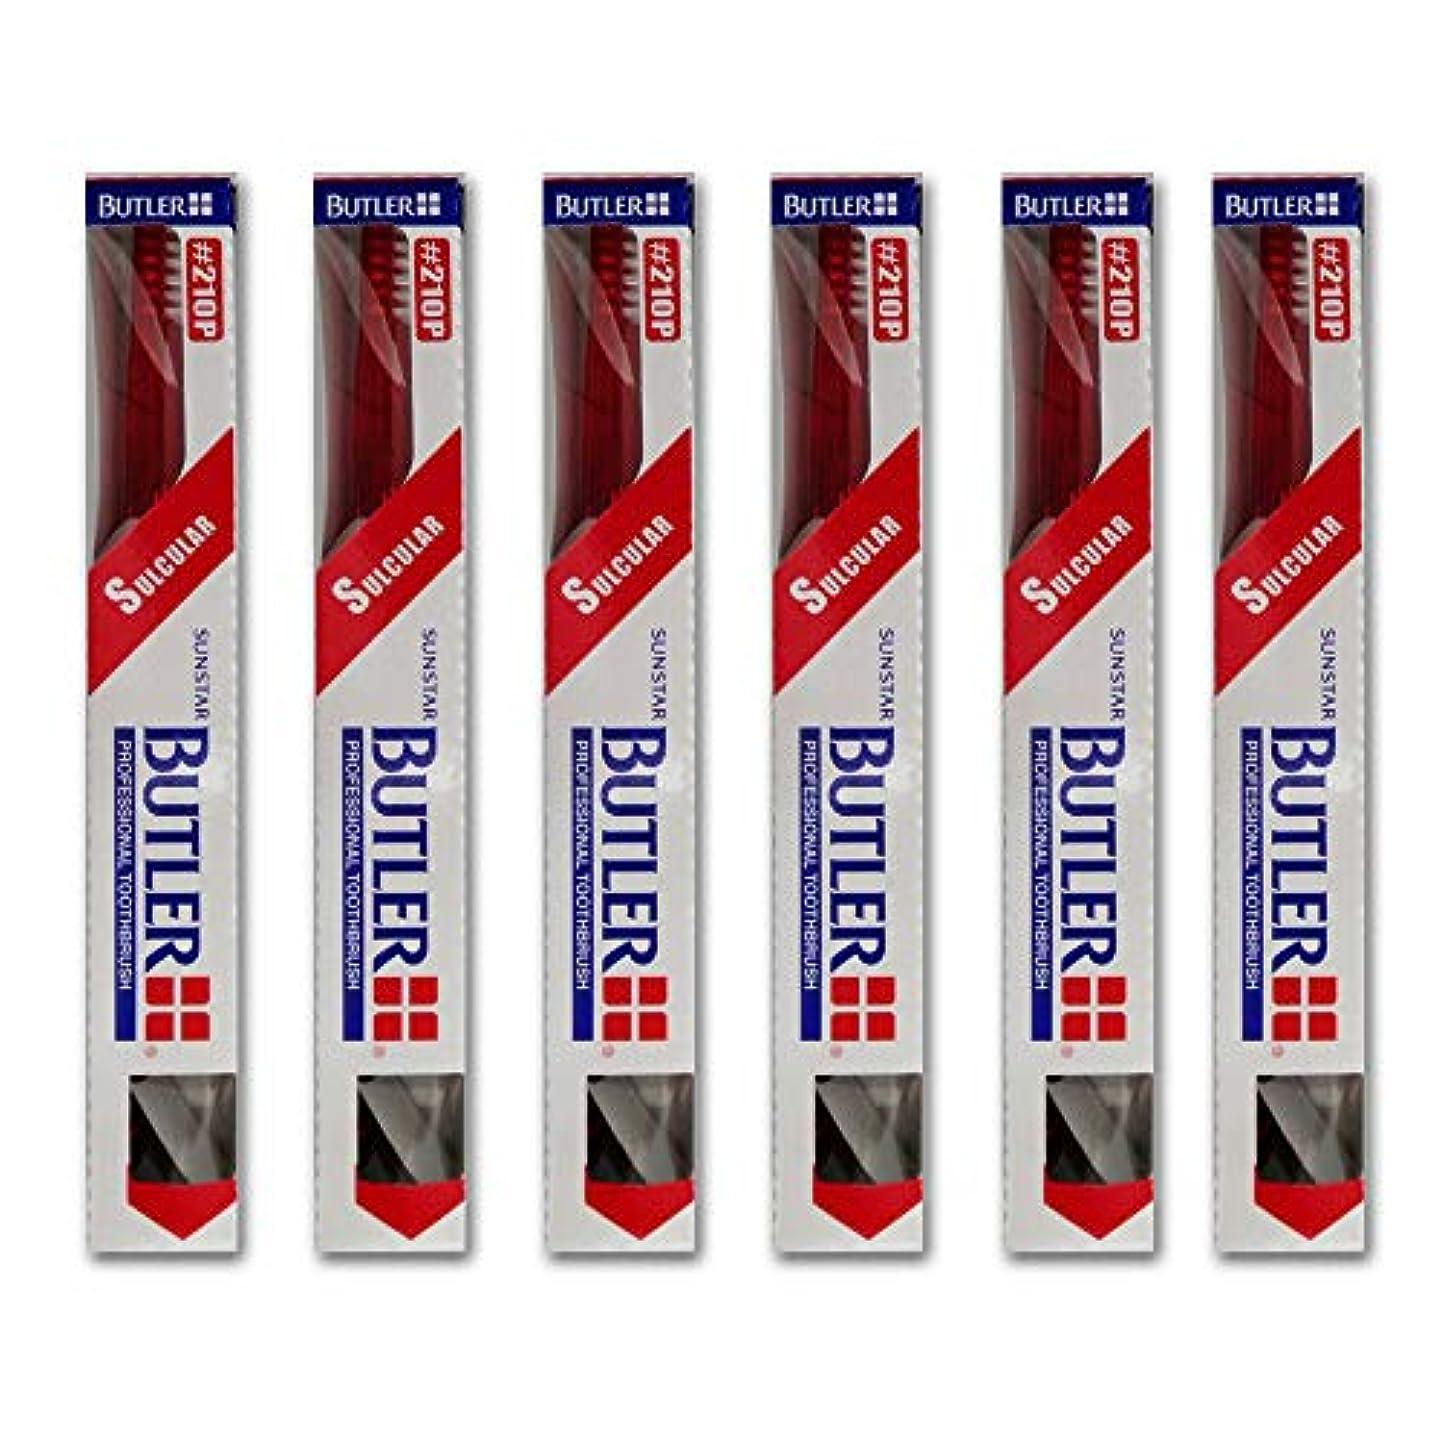 さておき受動的してはいけませんバトラー 歯ブラシ 6本 #308